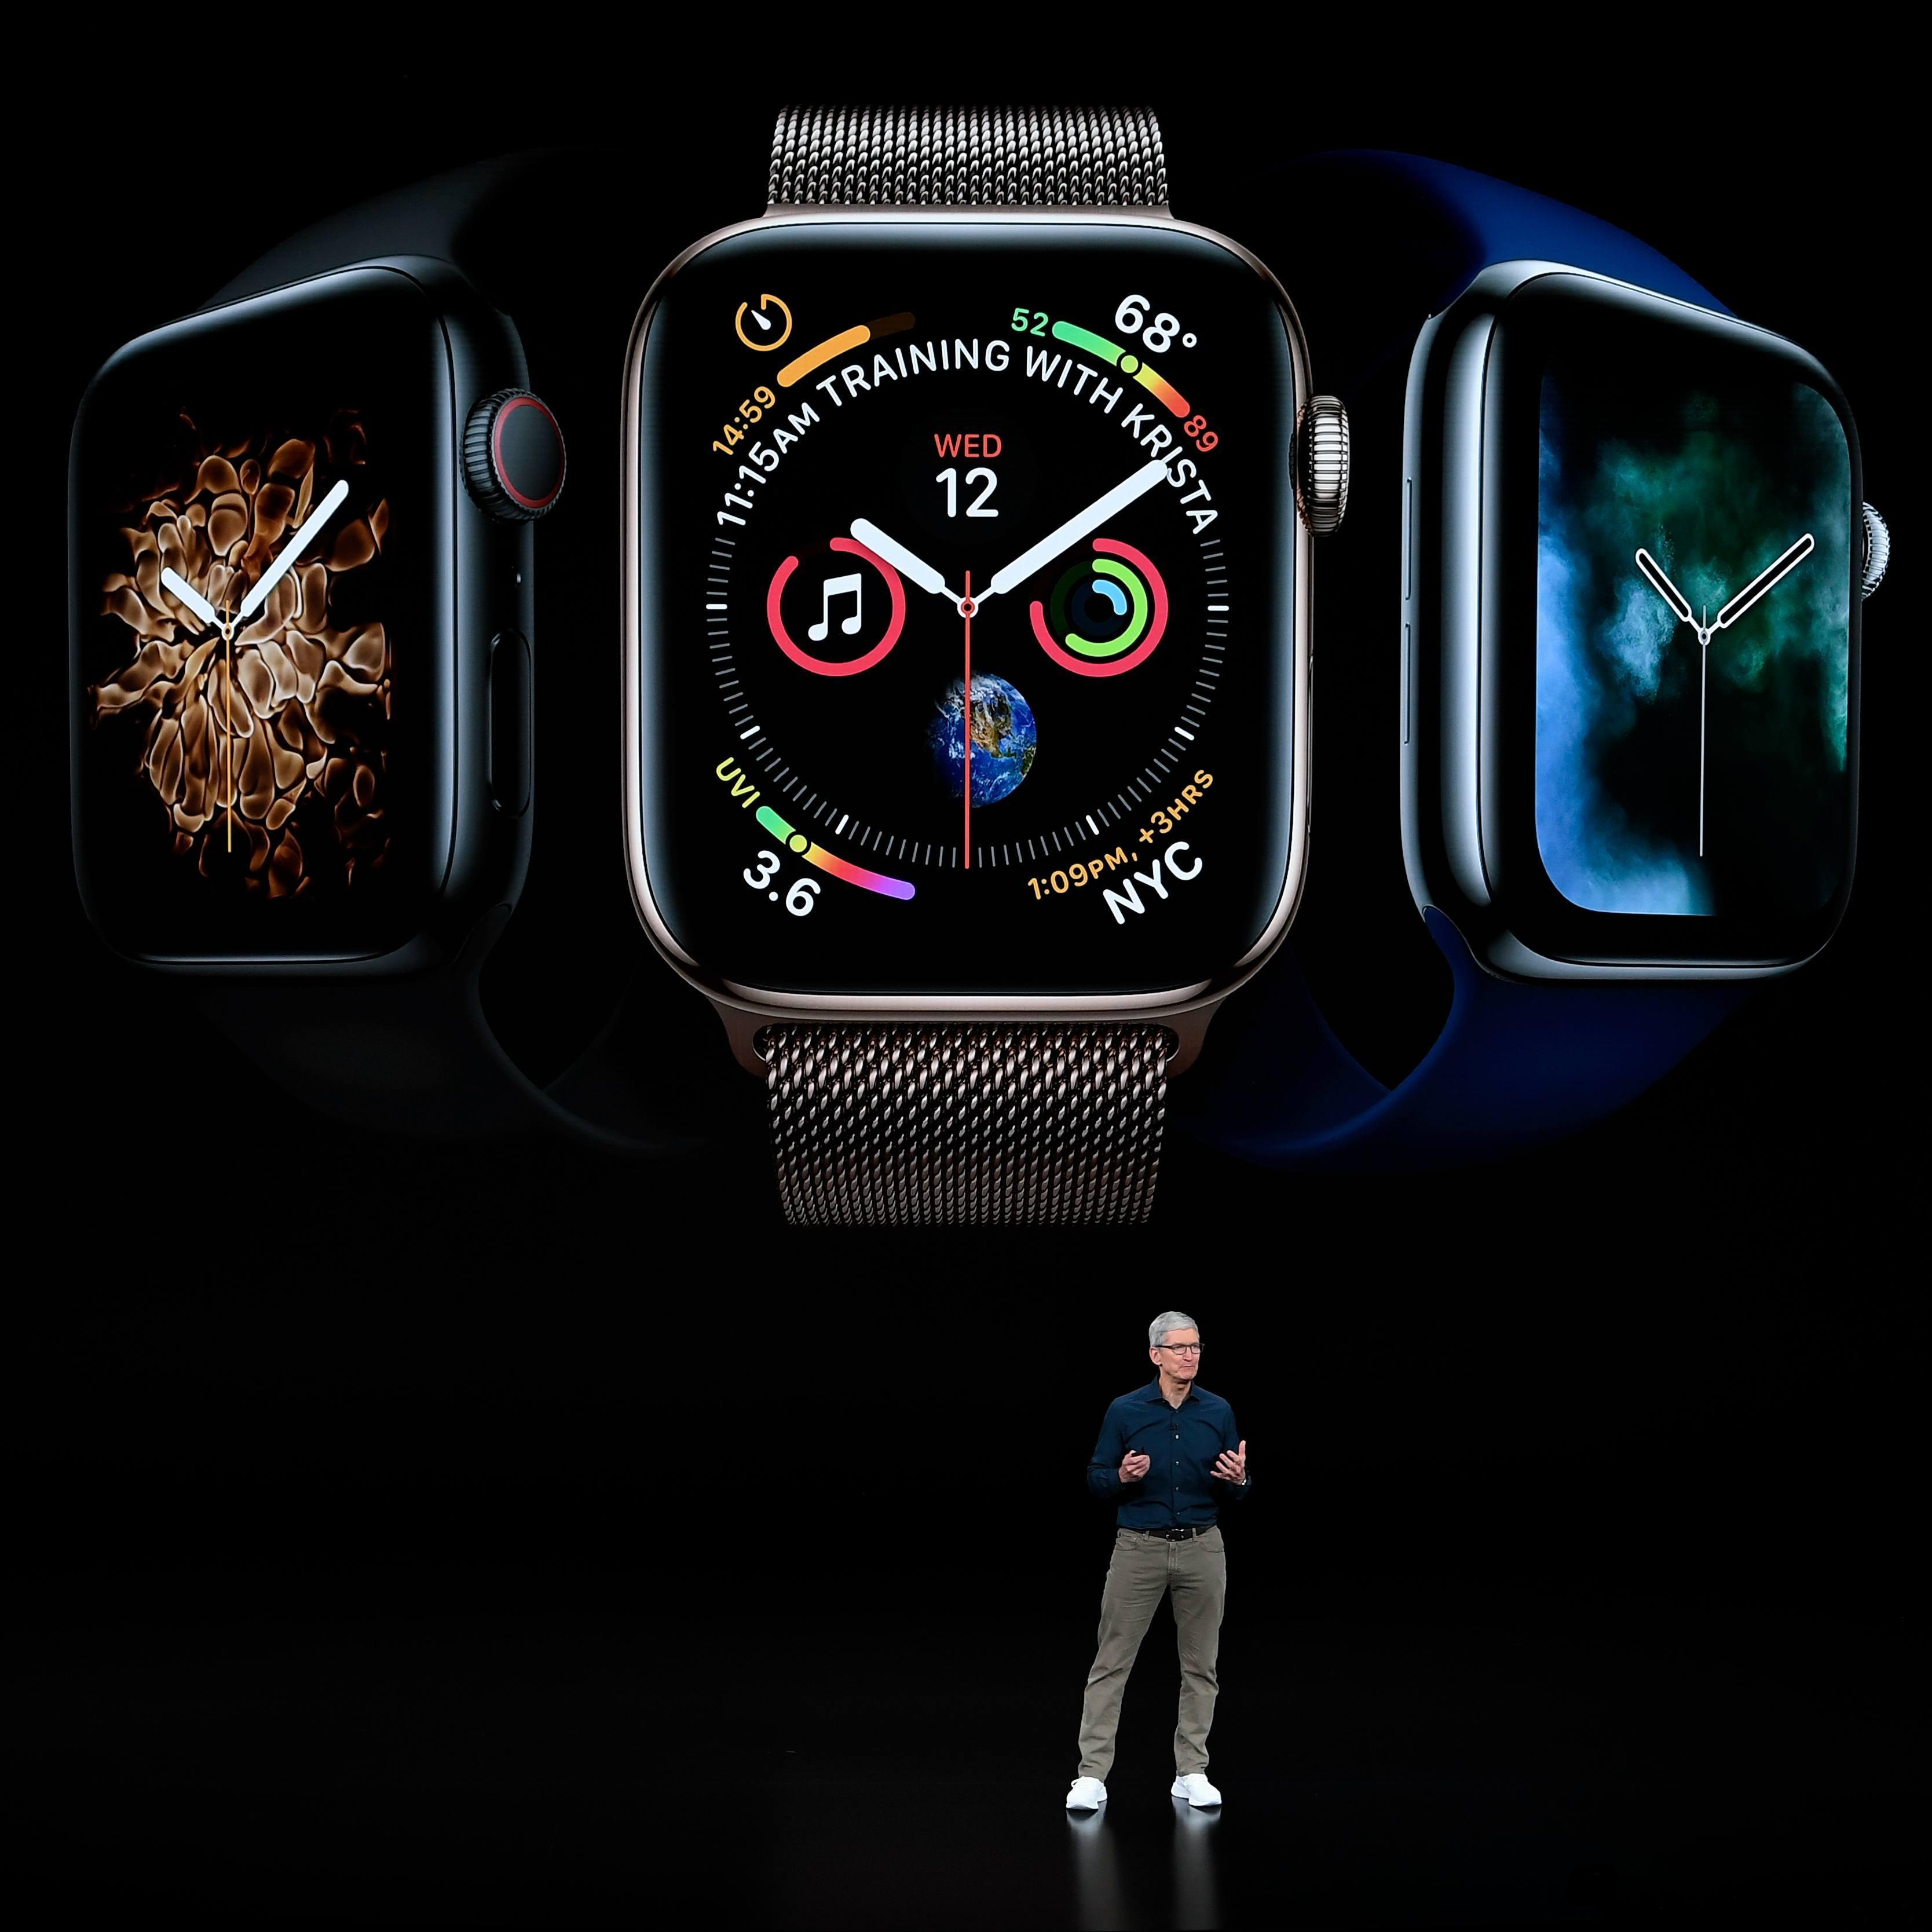 """""""Епл"""" се очекува да ја објави новата серија на """"Apple Watch 5"""" на настан во септември оваа година"""